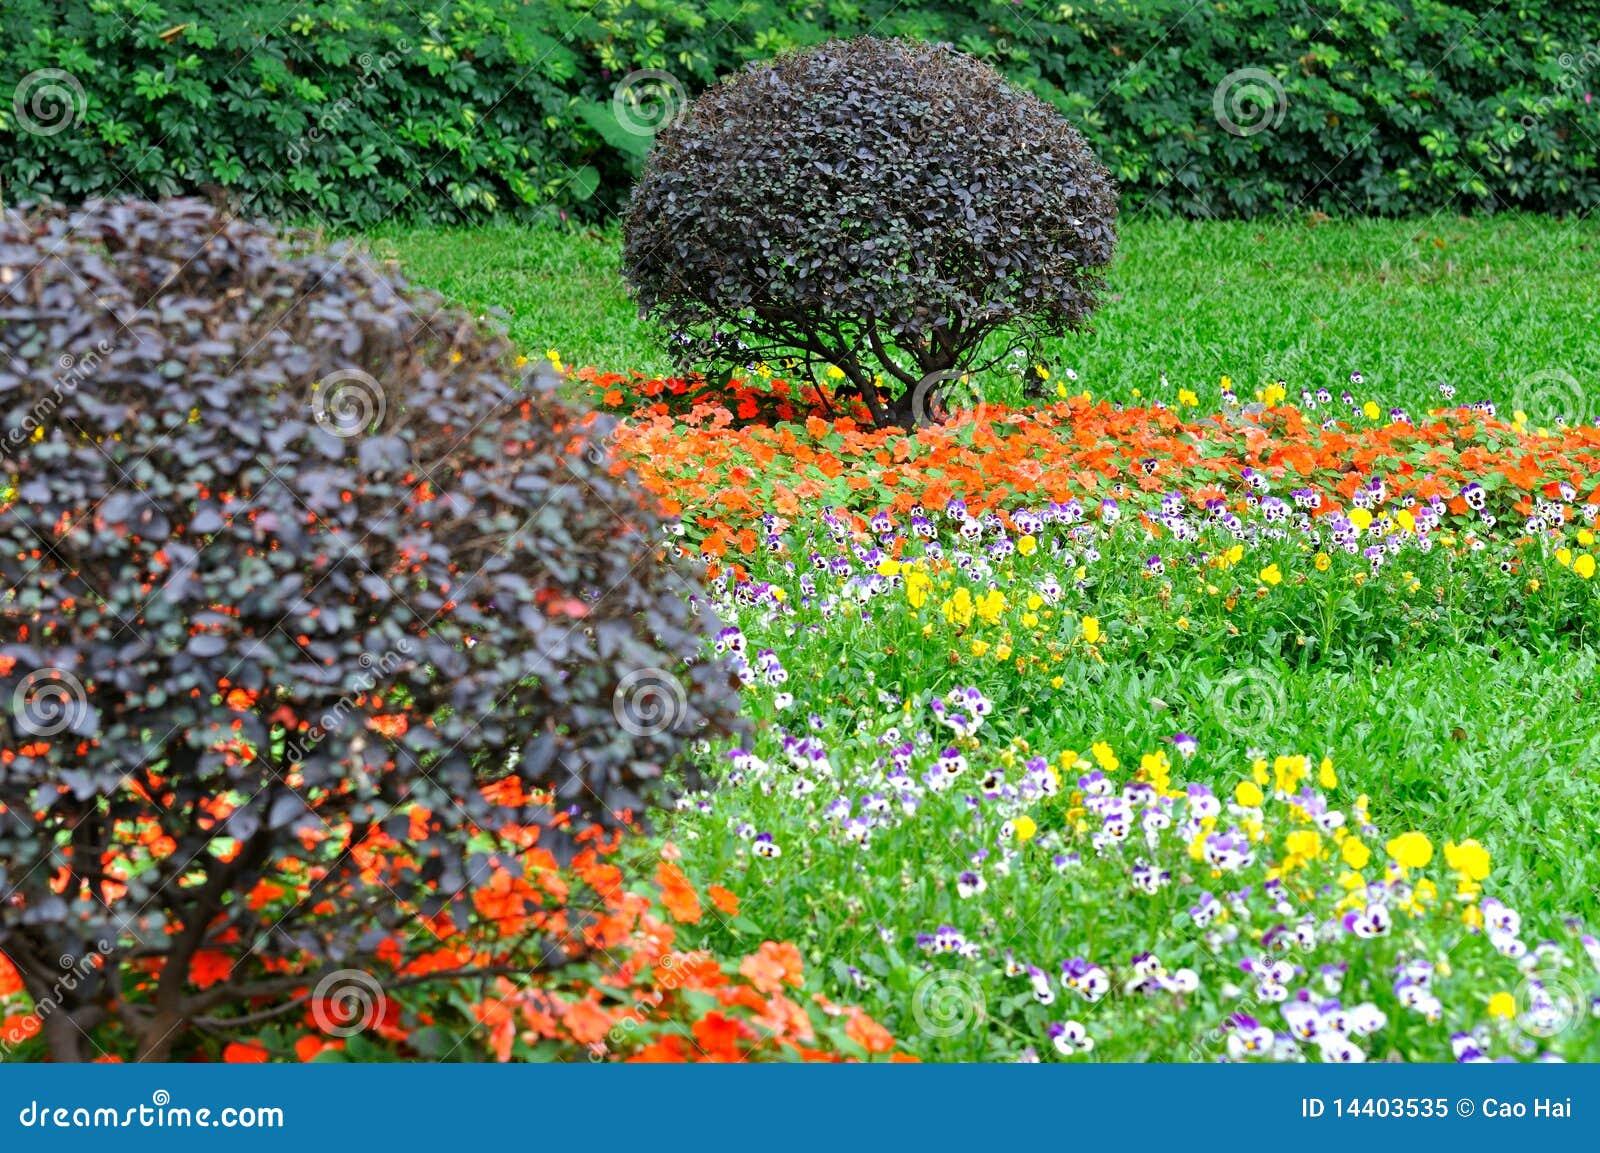 Composizione nel giardino cespuglio e mazzo di fiori for Giardino fiori